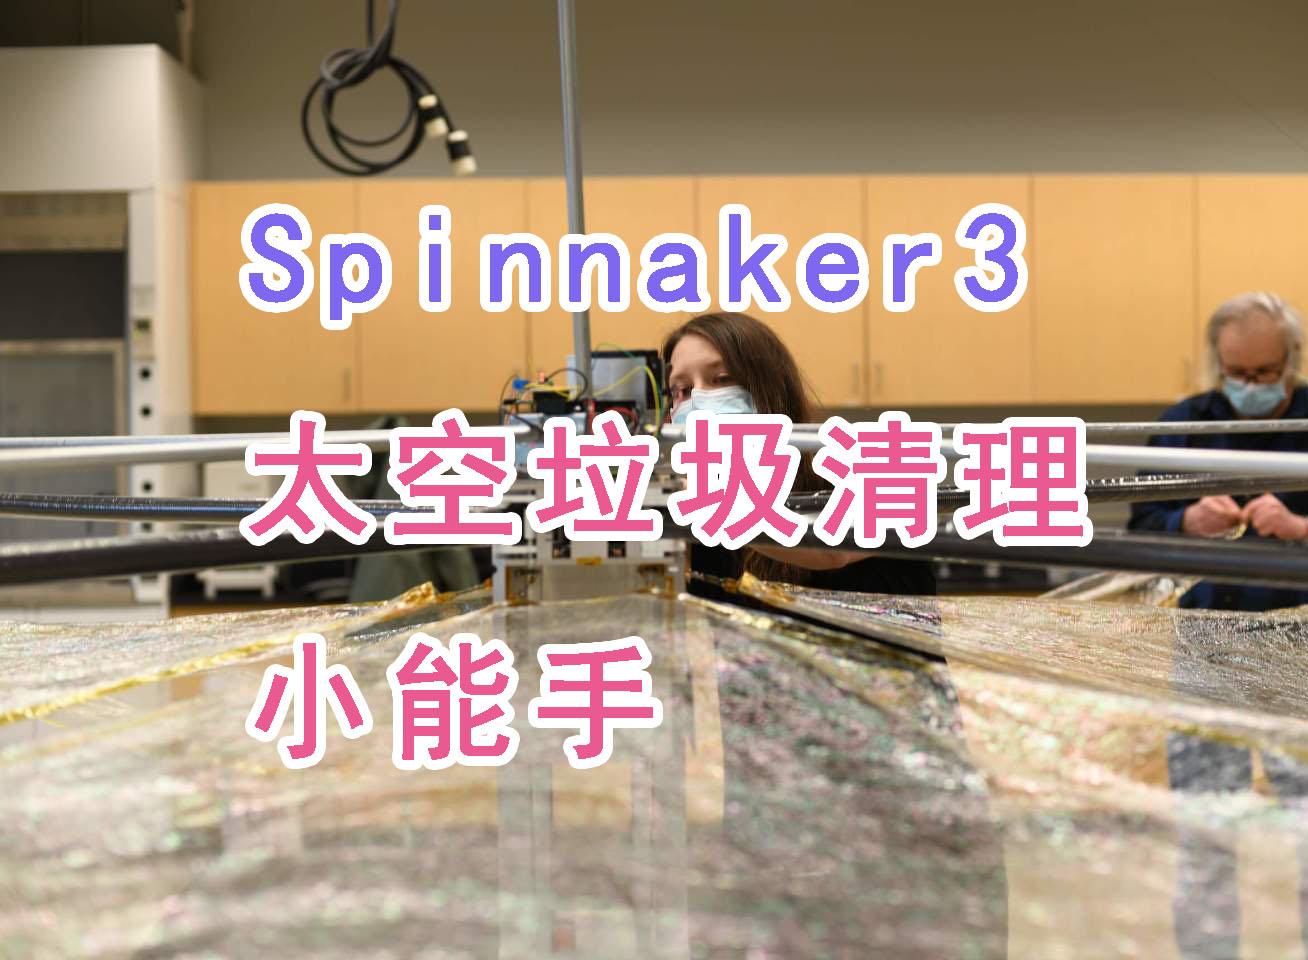 Spinnaker3,太空垃圾清理小能手